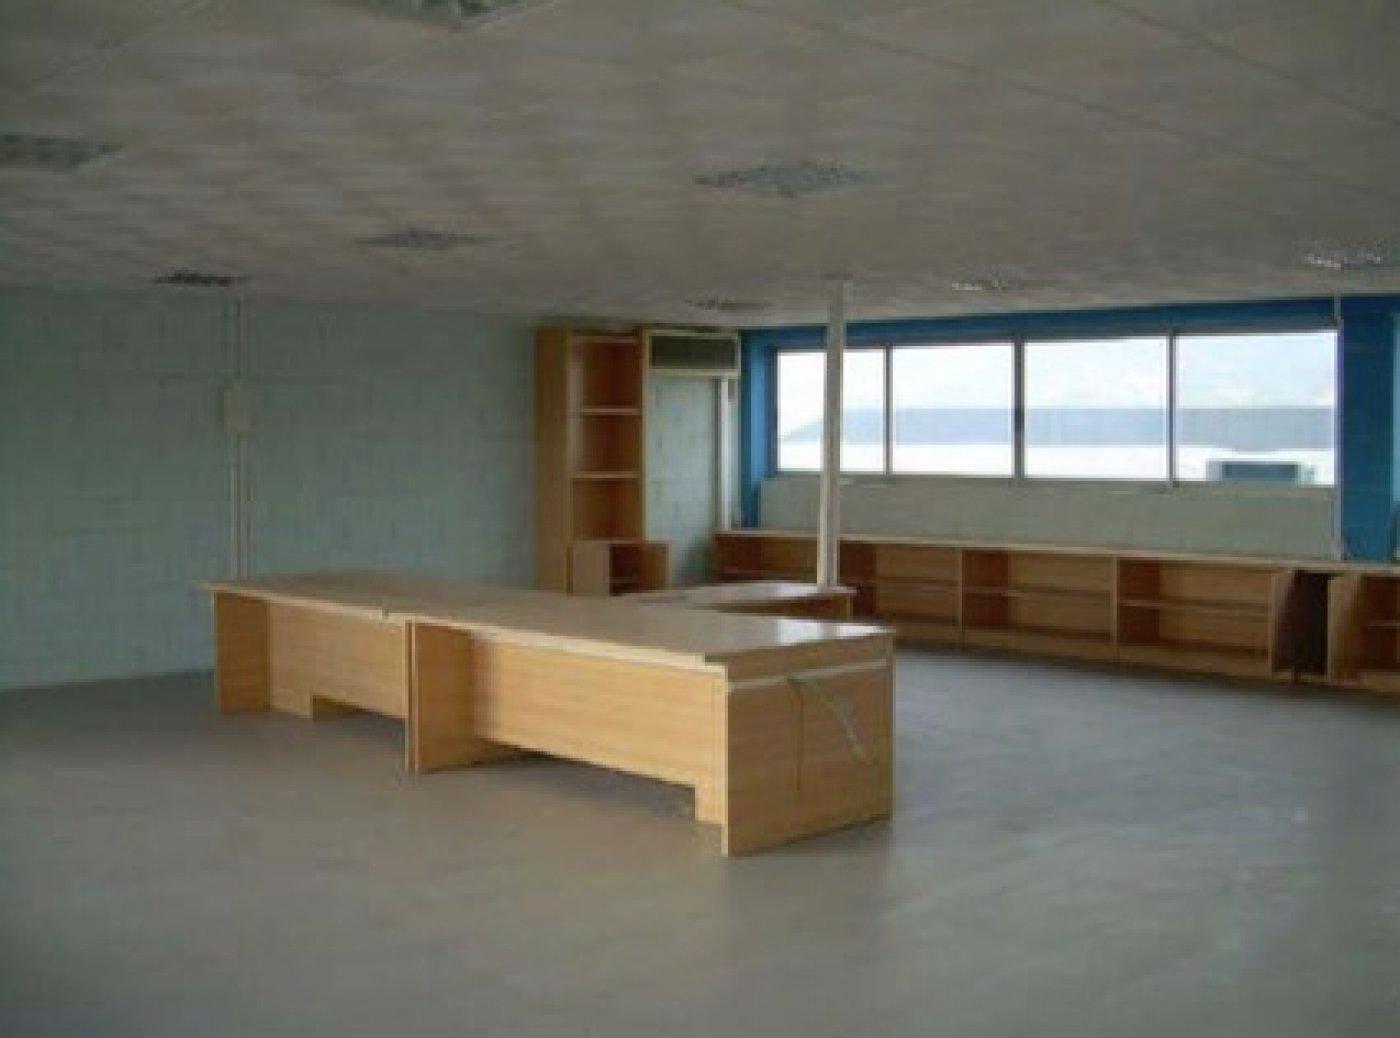 Oficina en venta en avenida benieto c/ transport , 32-uno, 46702, gandia (valencia) - imagenInmueble4